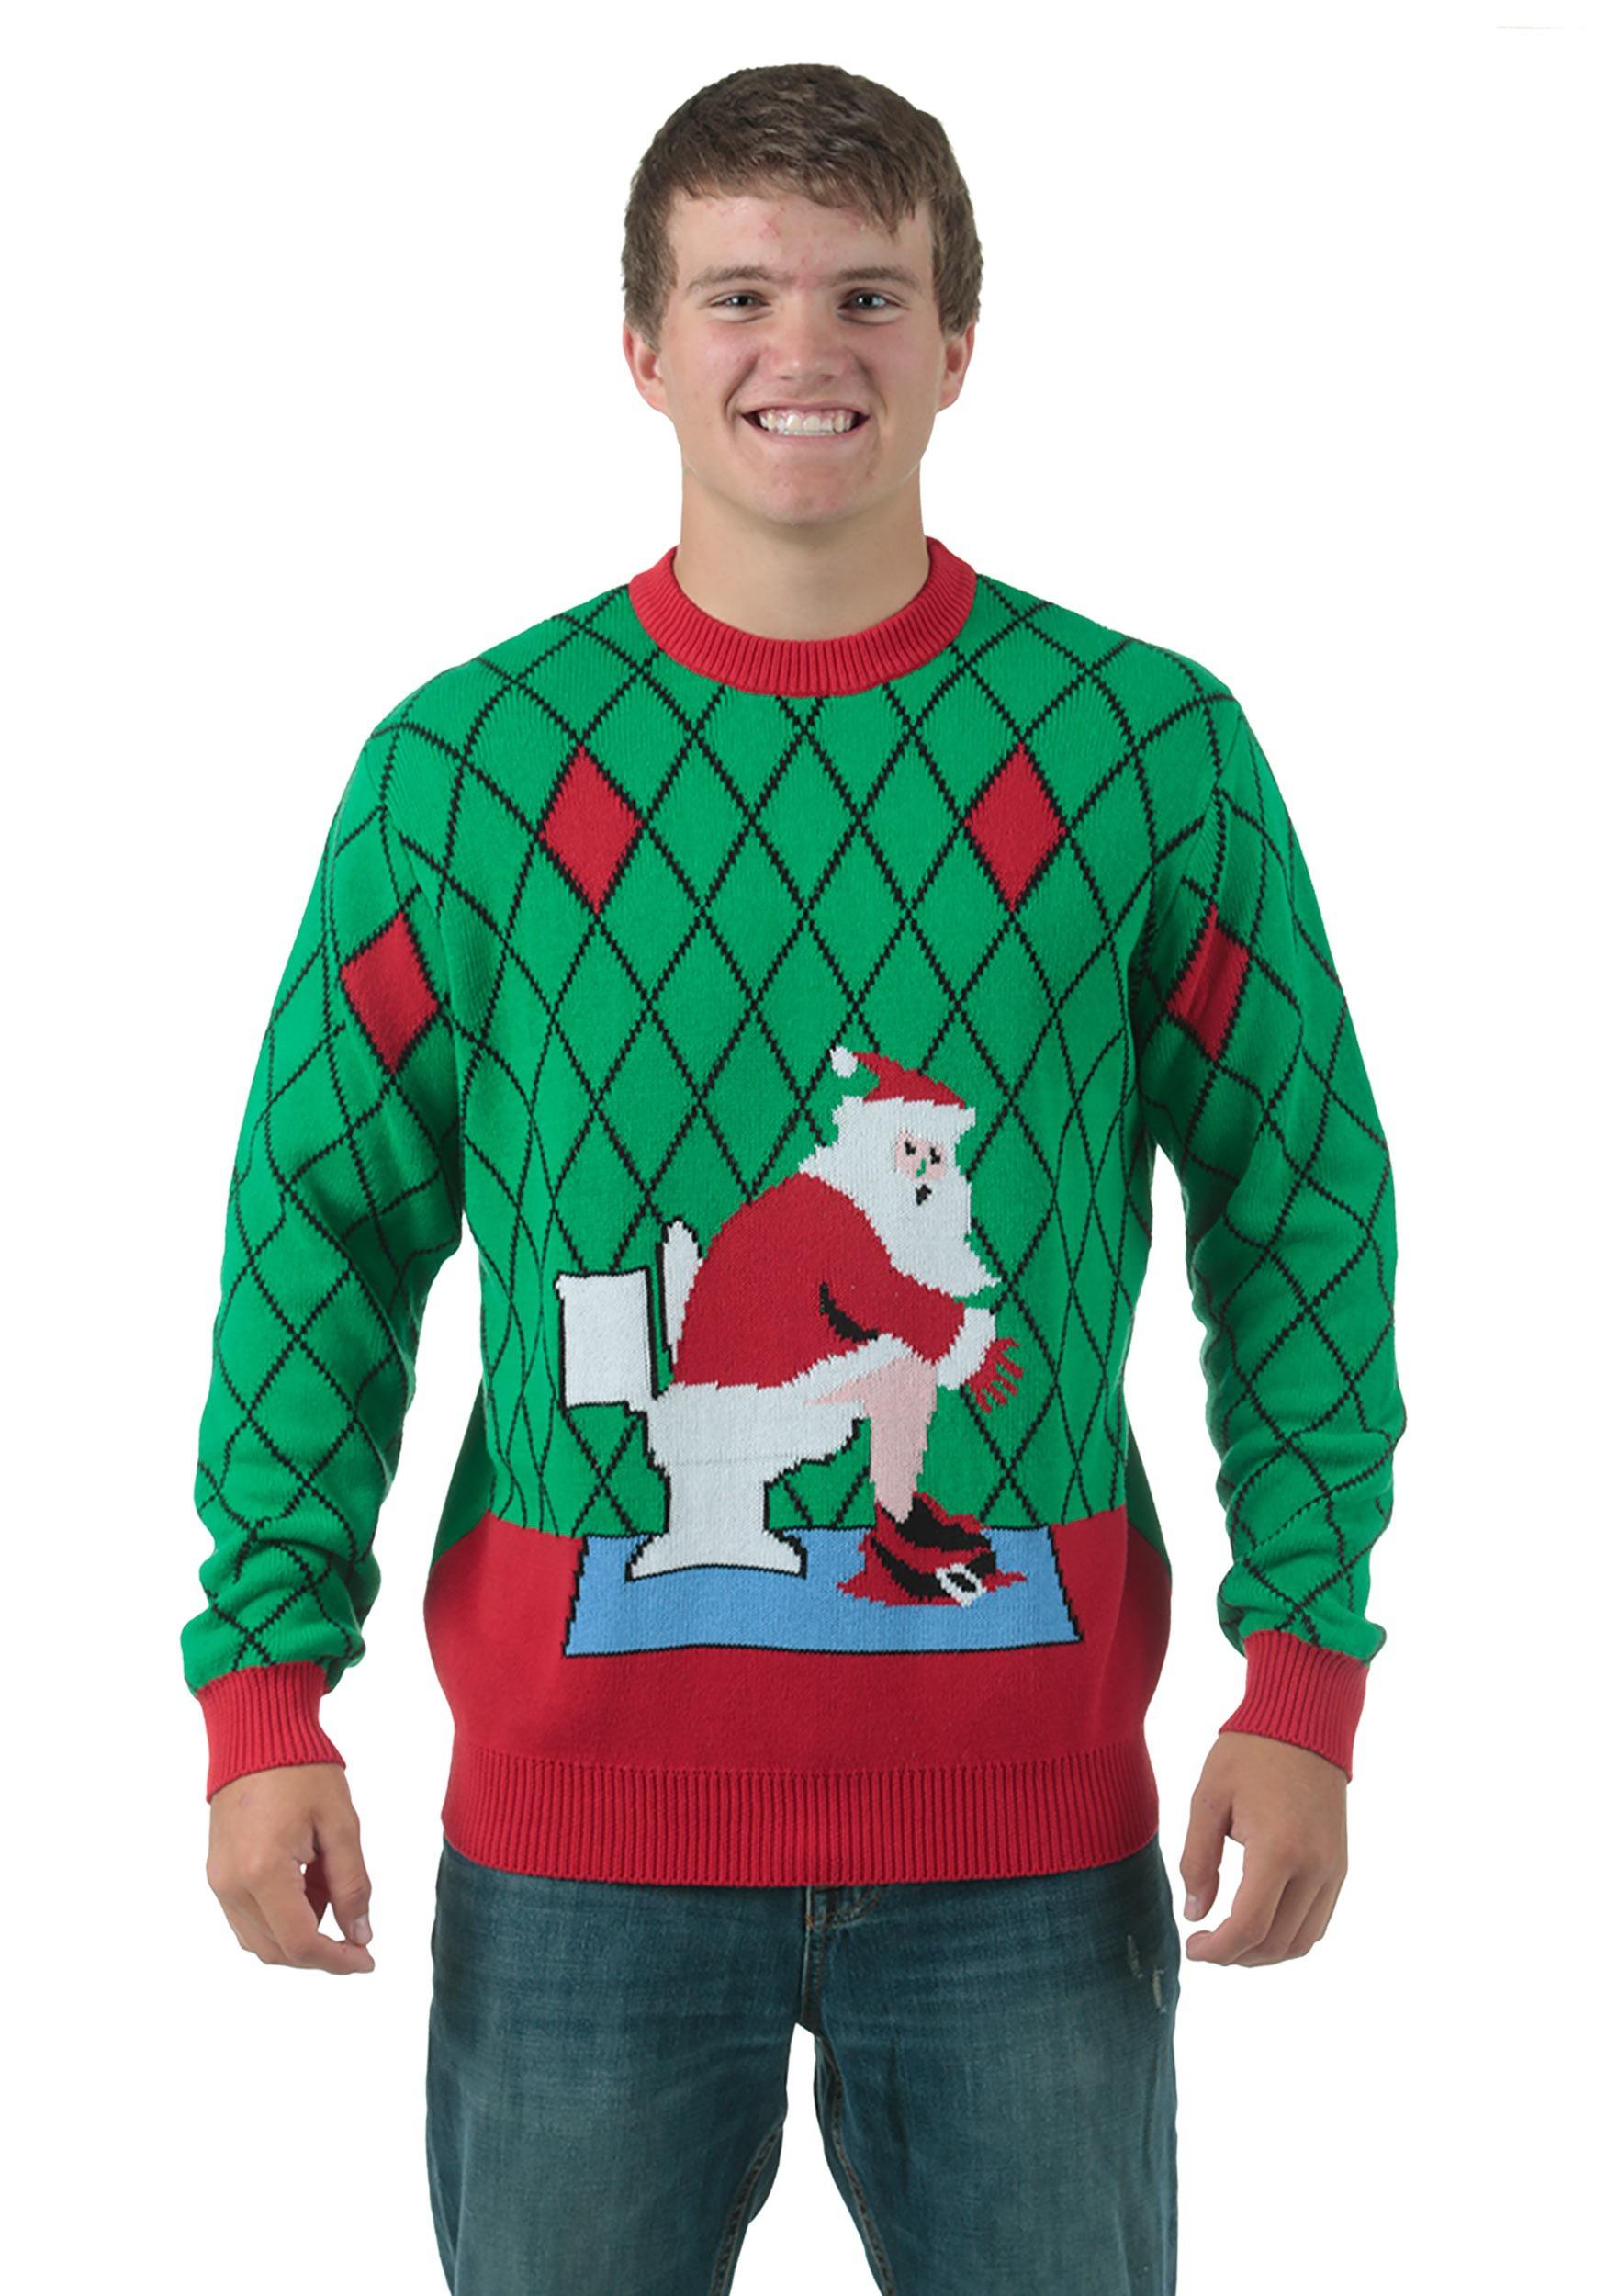 Отдельная категория нелепых свитеров — те, то изображают спаривающихся оленей.